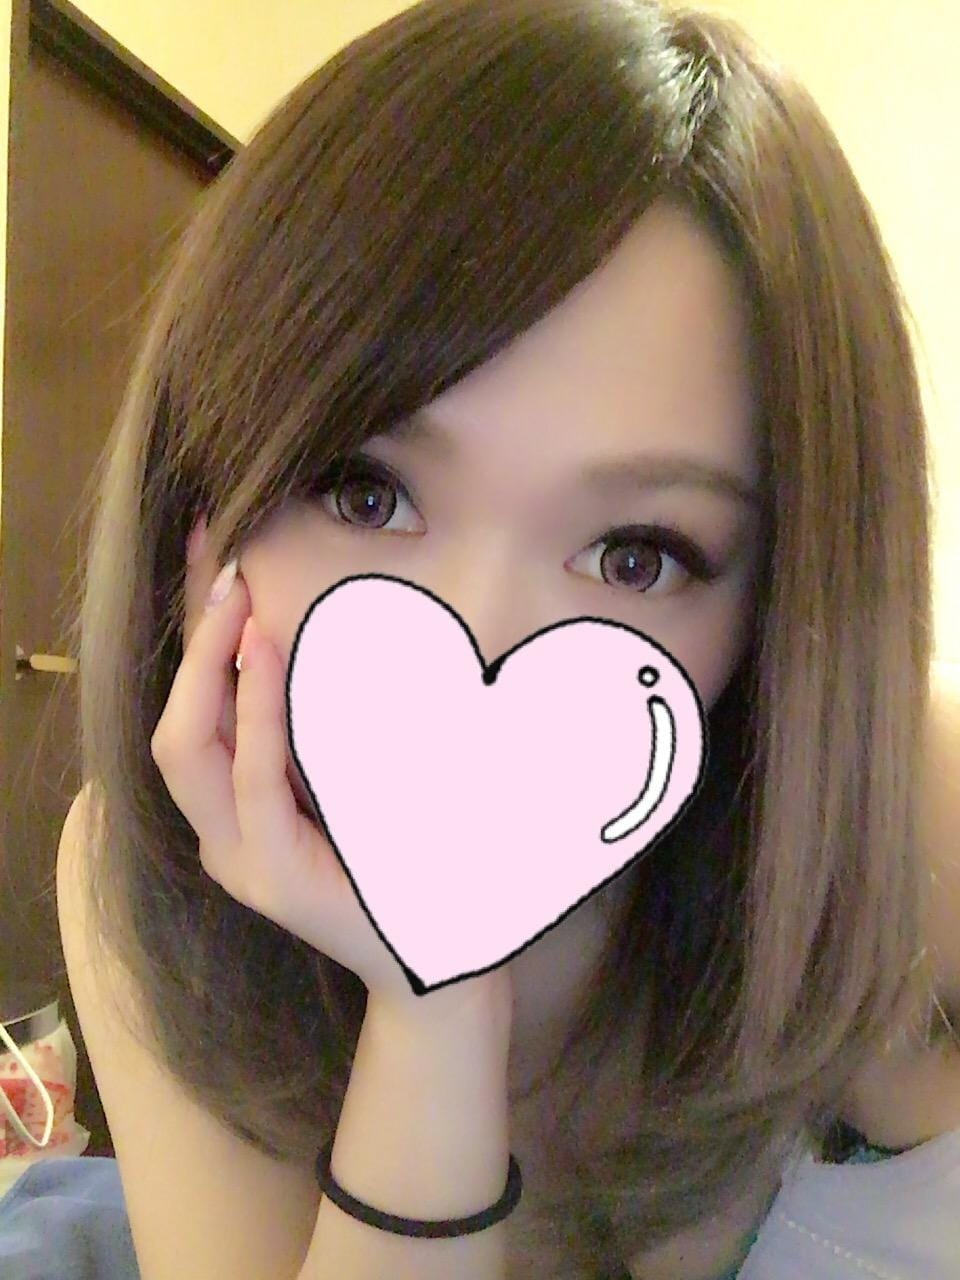 「れい」07/16(月) 19:29 | れいの写メ・風俗動画